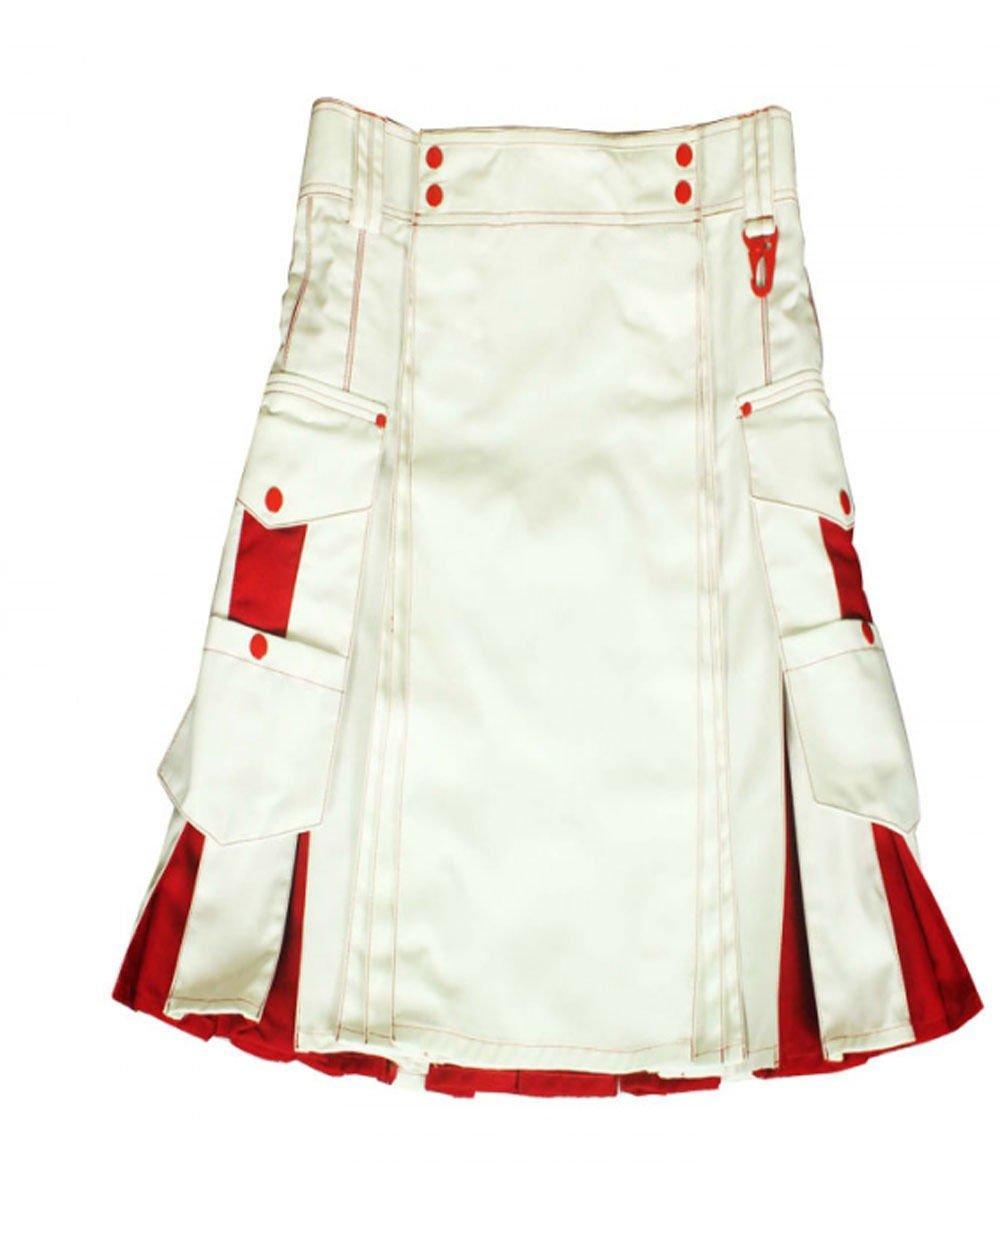 34 Size Handmade White & Red Cotton Kilt for Active Men, Hybrid Cotton Utility Deluxe Kilt